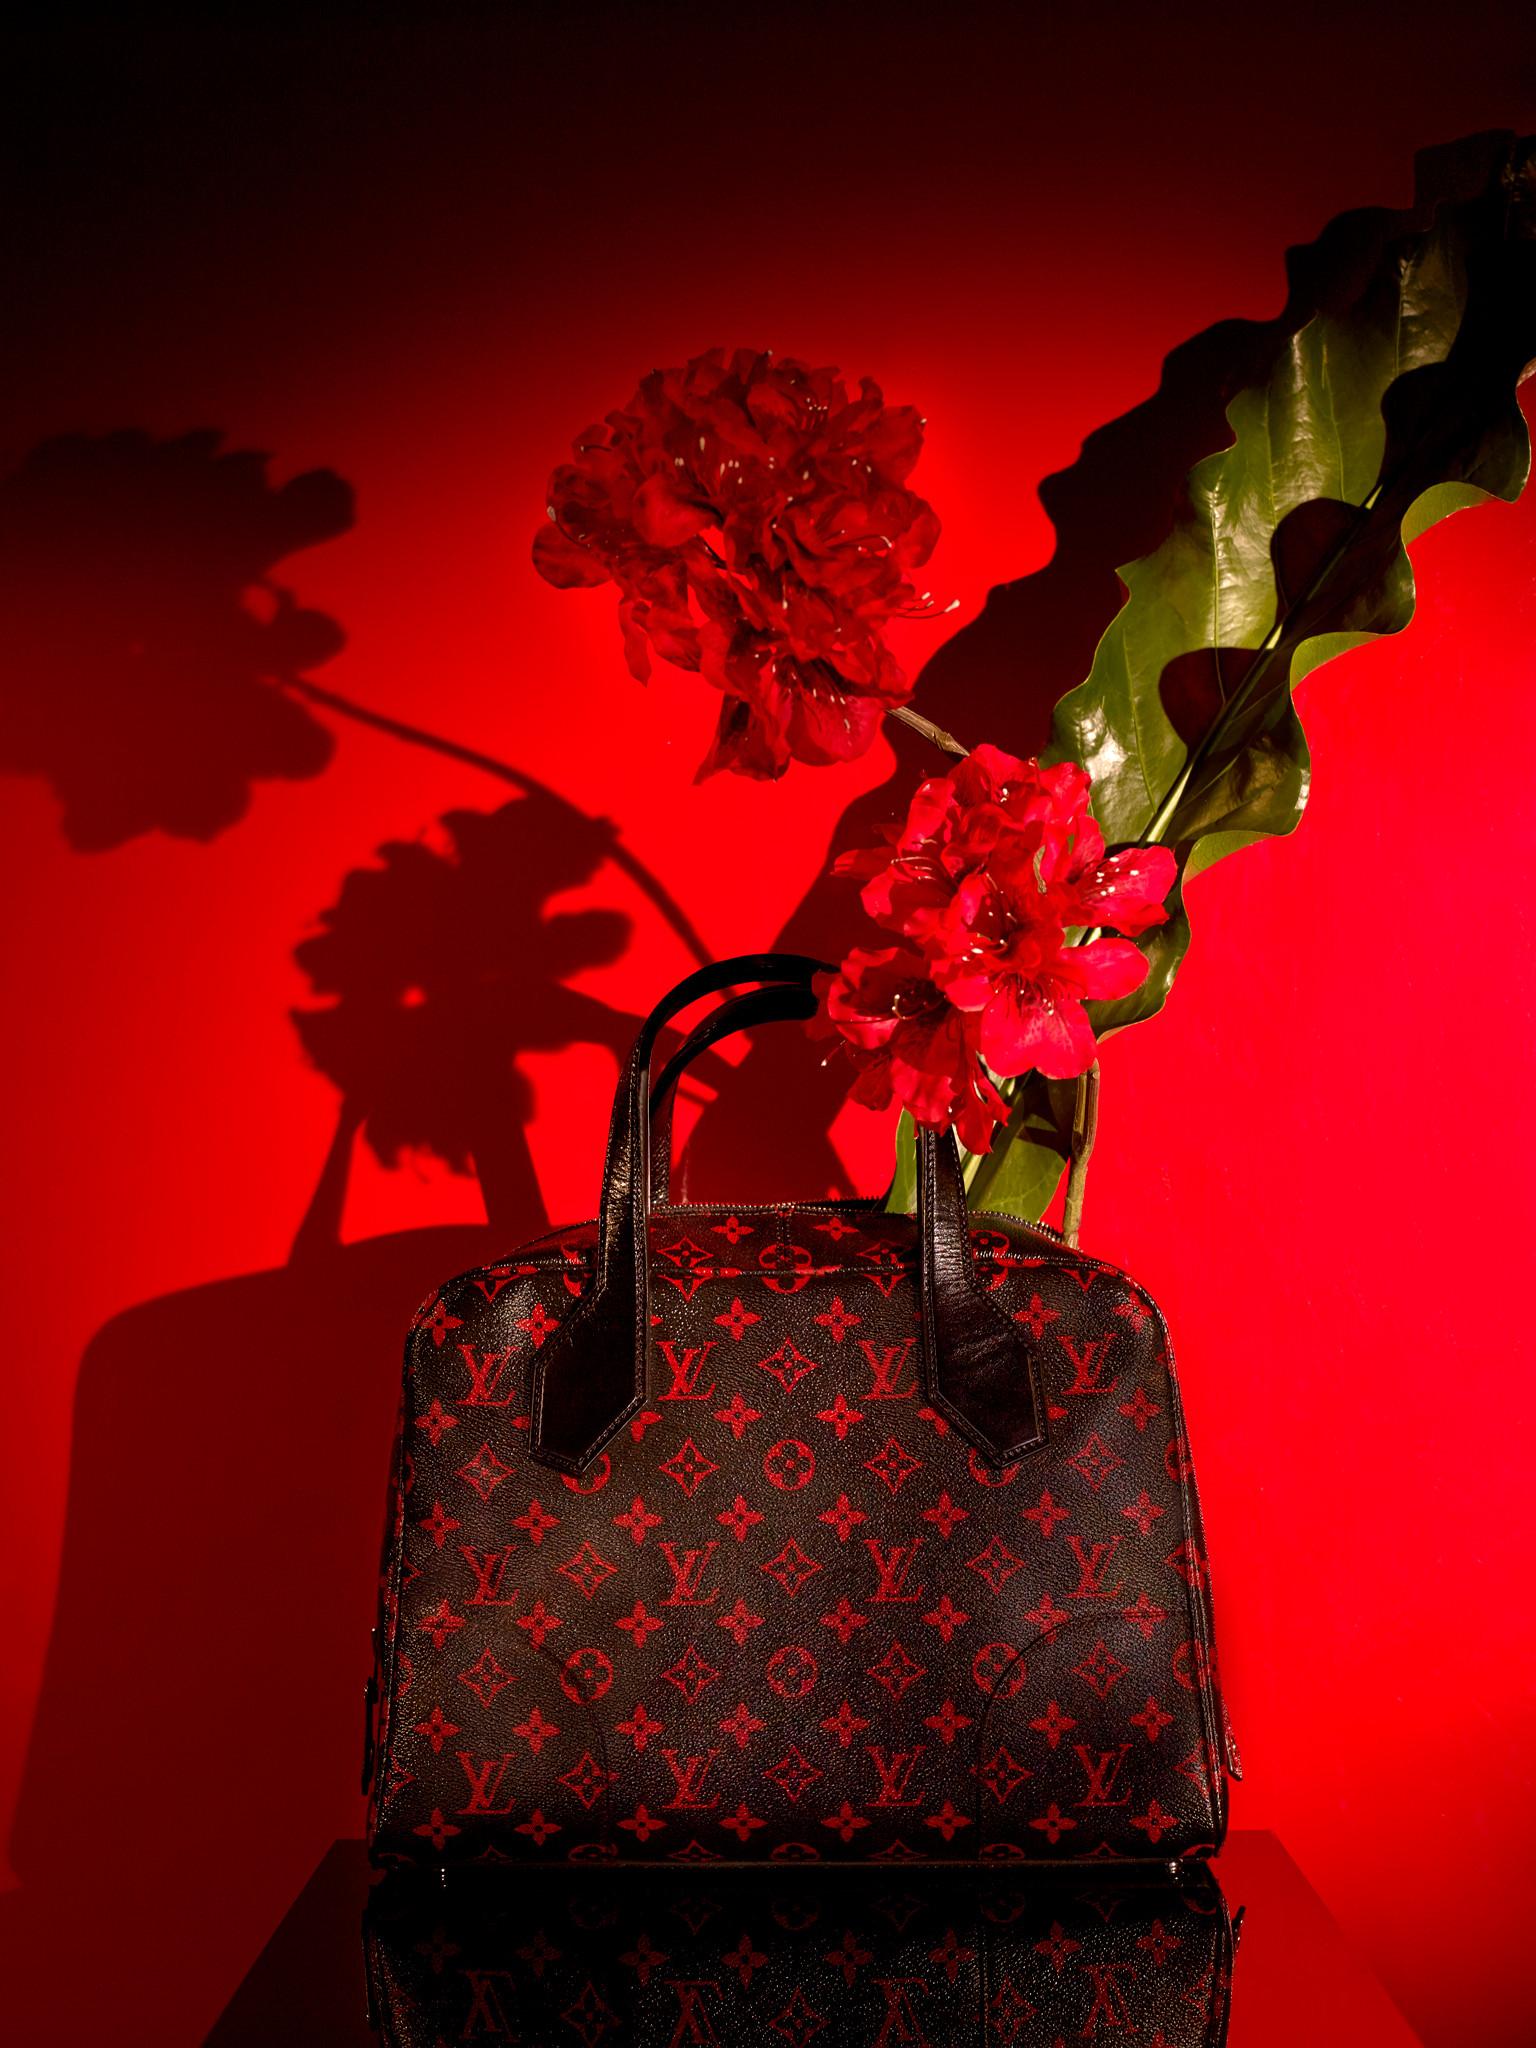 2015_Vogue_Bags&flowers43479.jpg